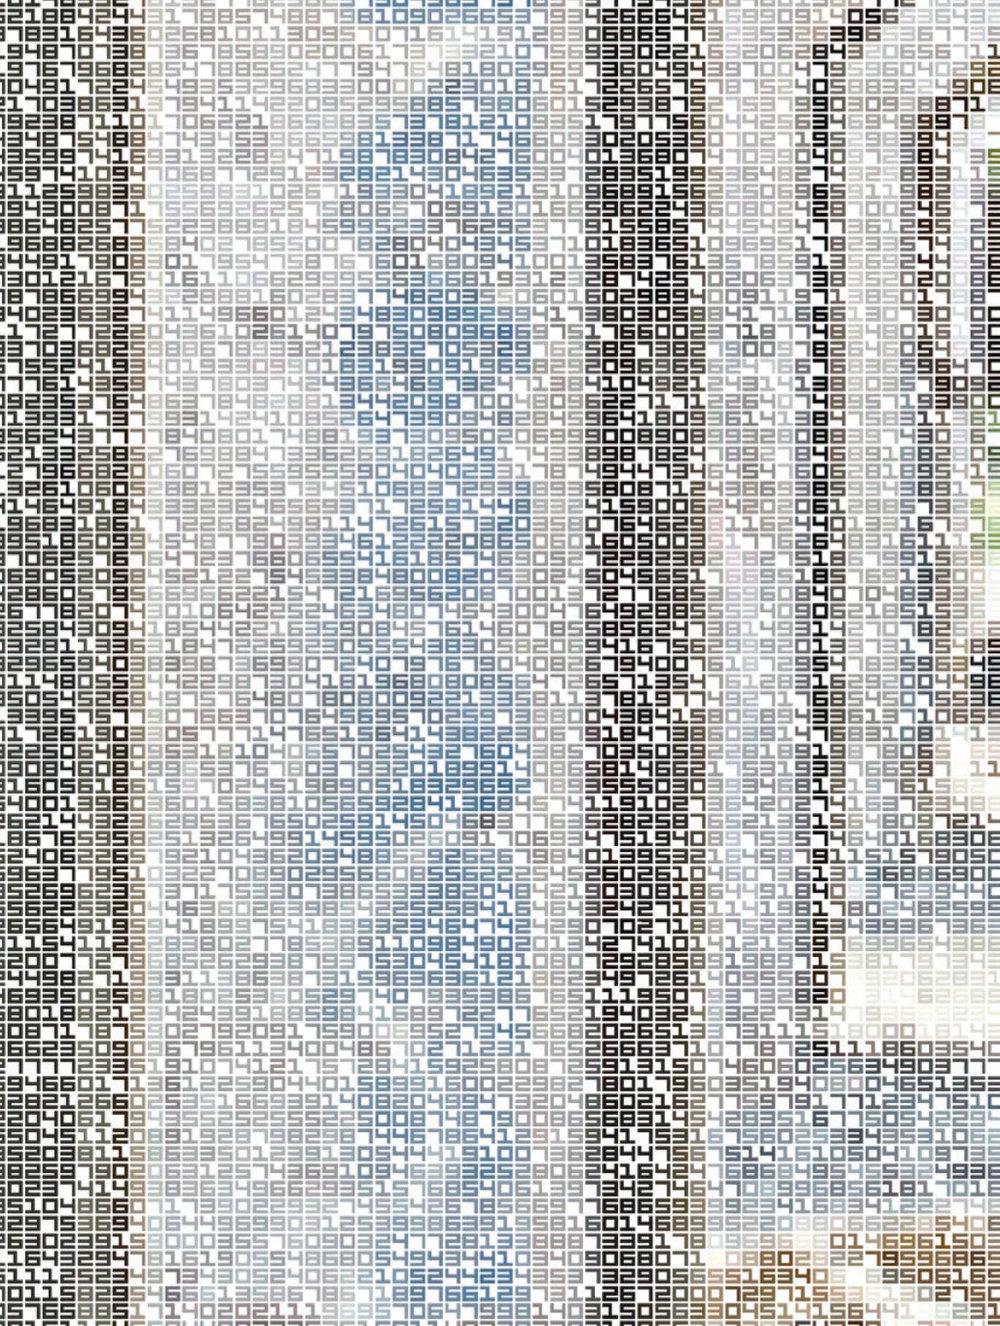 pi-pixels-zoomed.jpg